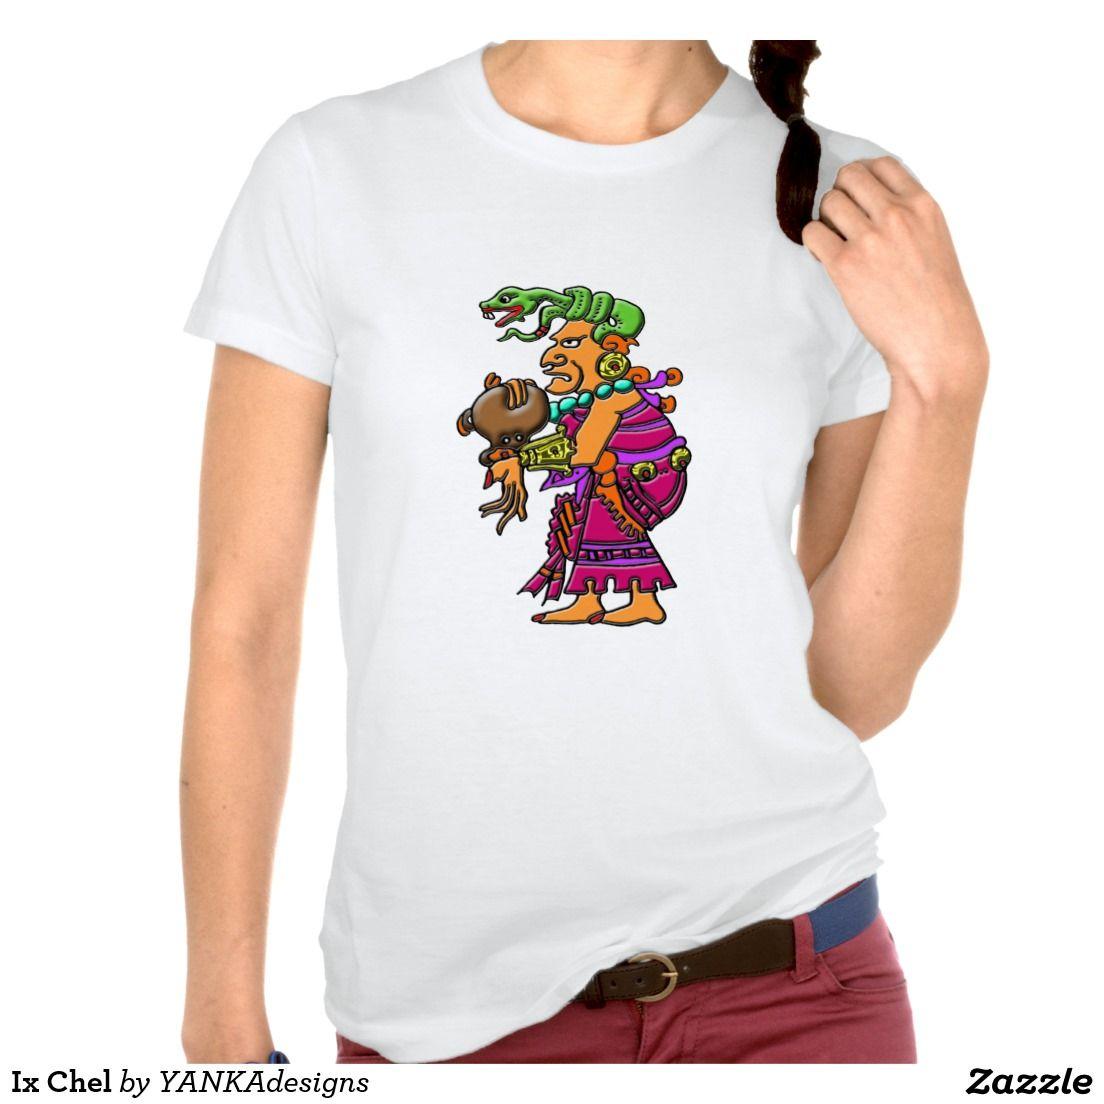 Ix Chel Tee Shirt